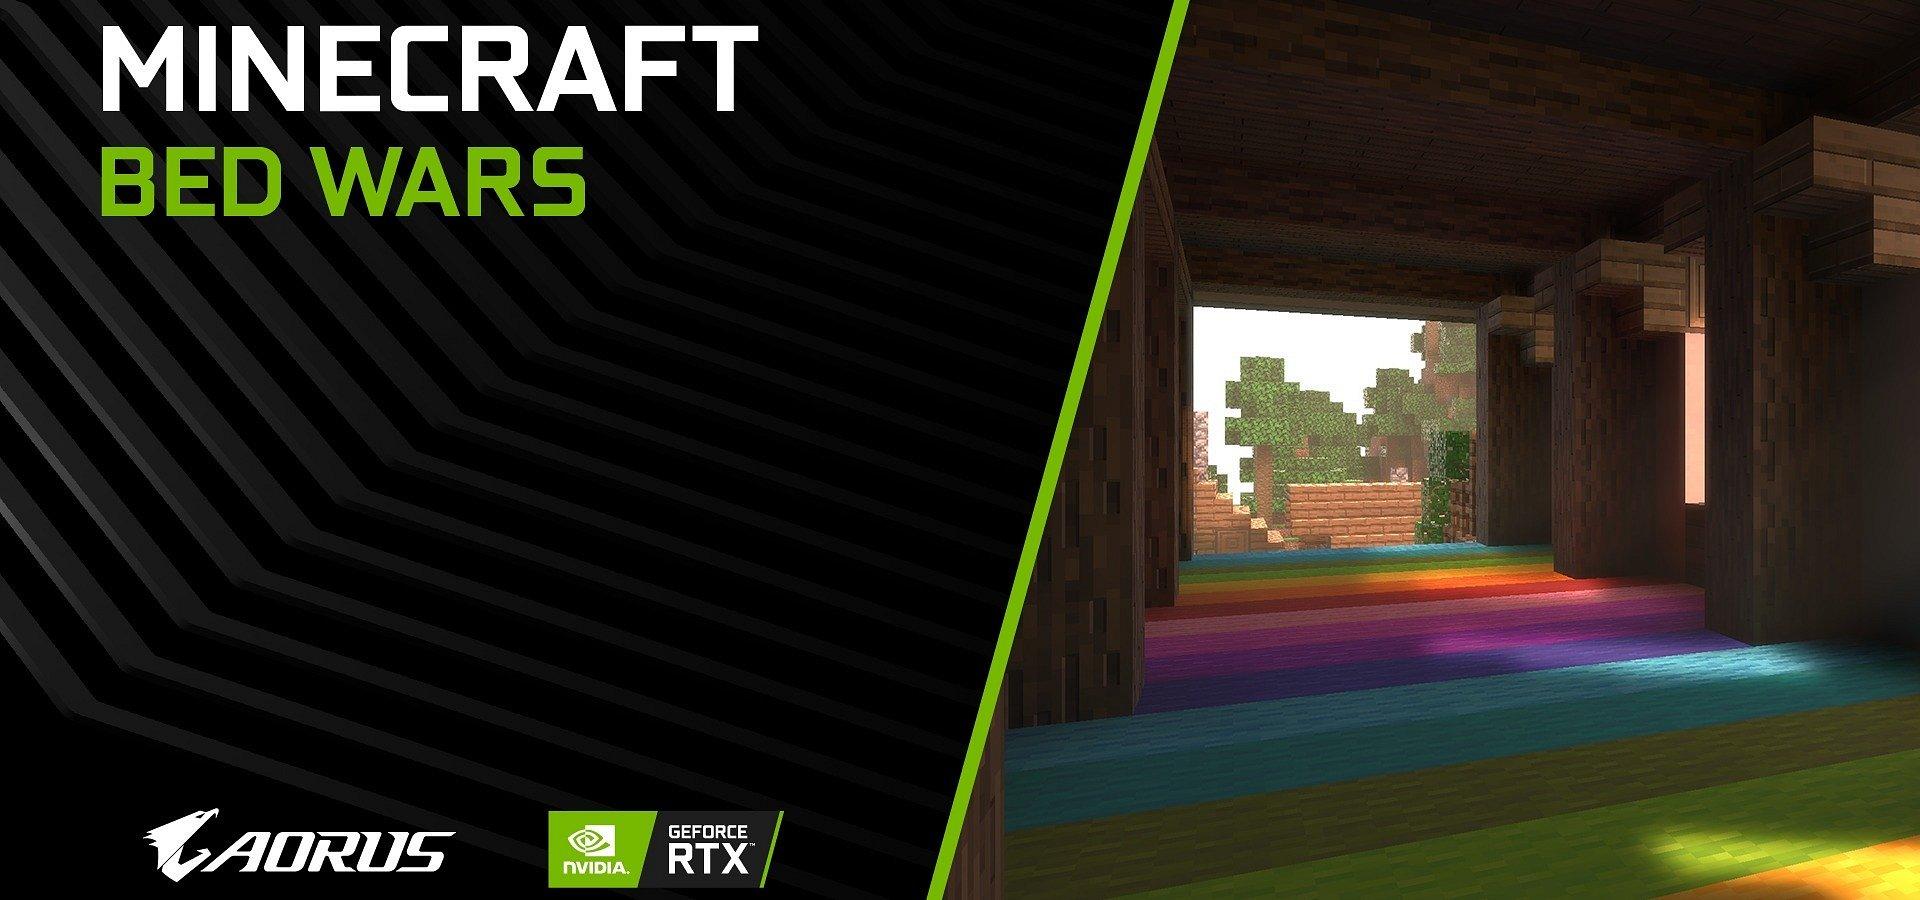 Minecraft RTX – Bed Wars - podsumowanie turnieju gwiazd